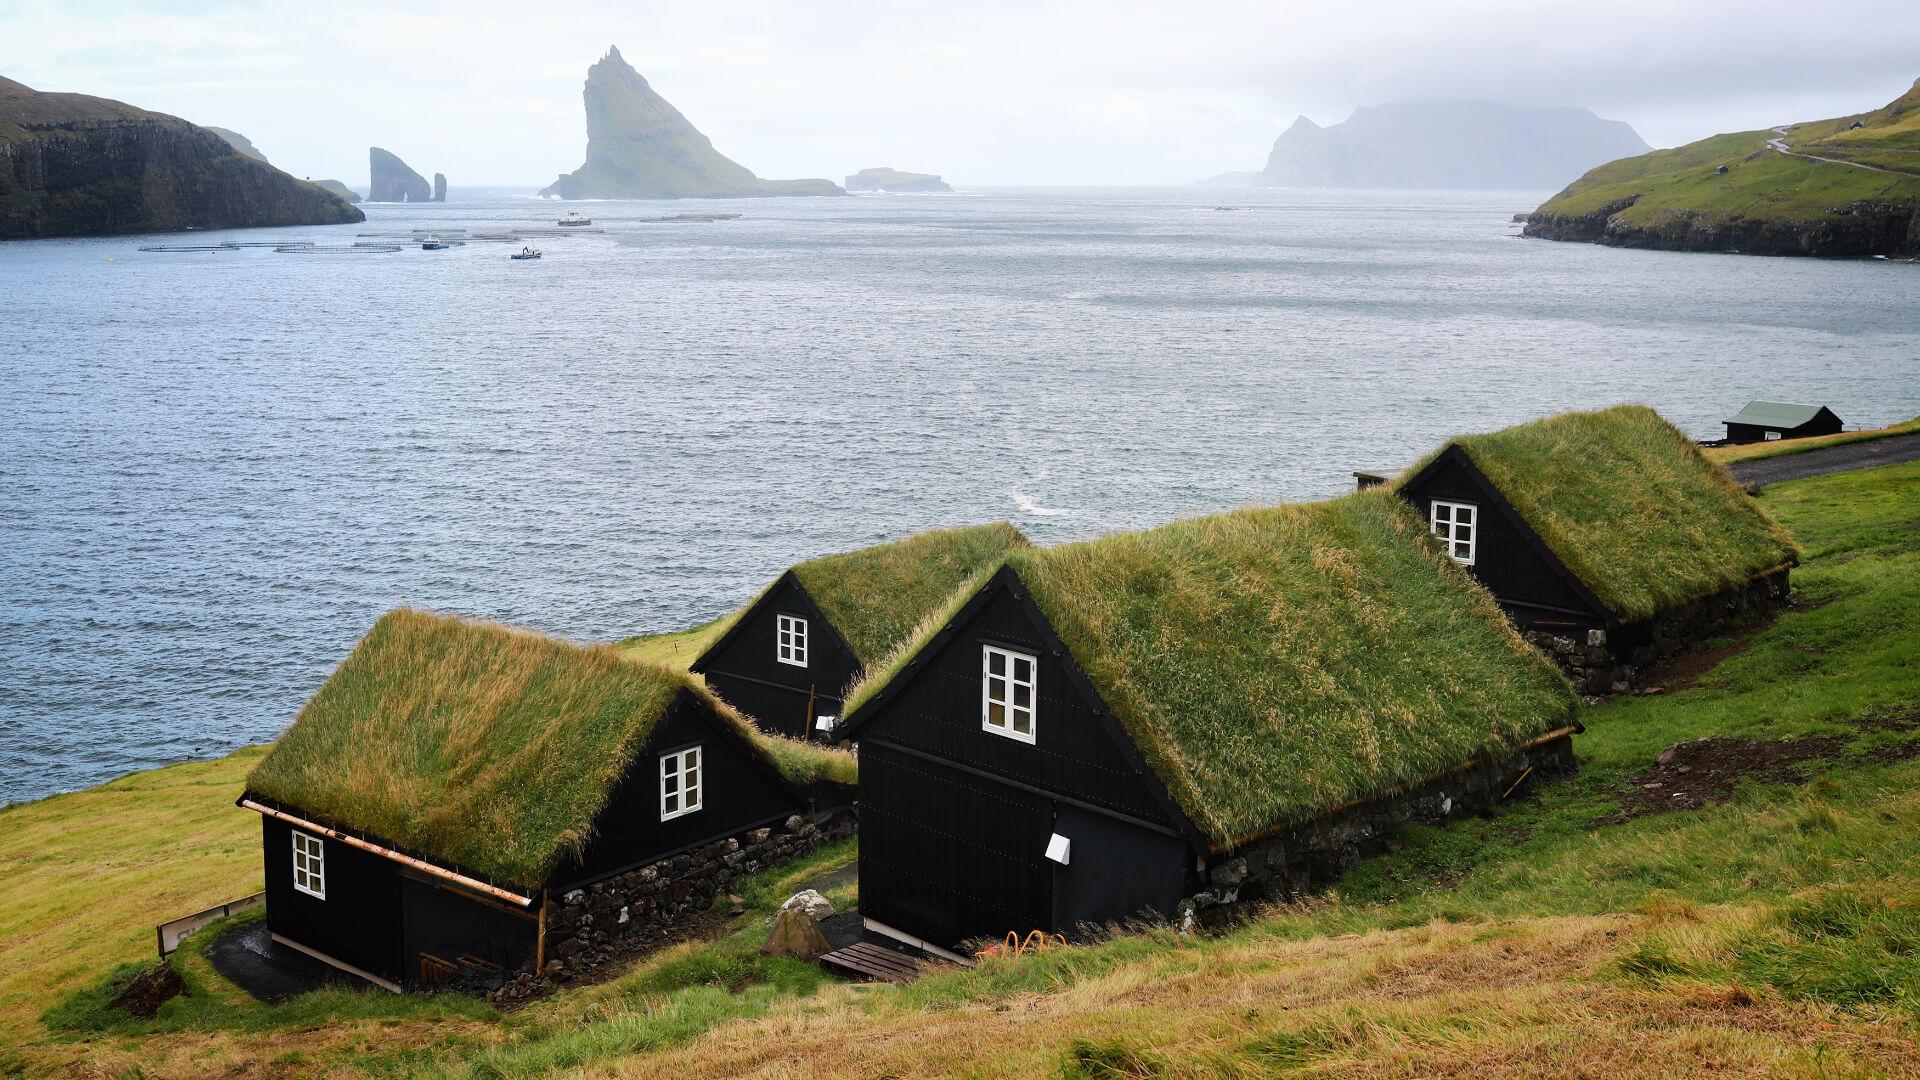 Çim Çatılı Evleriyle Faroe Adaları